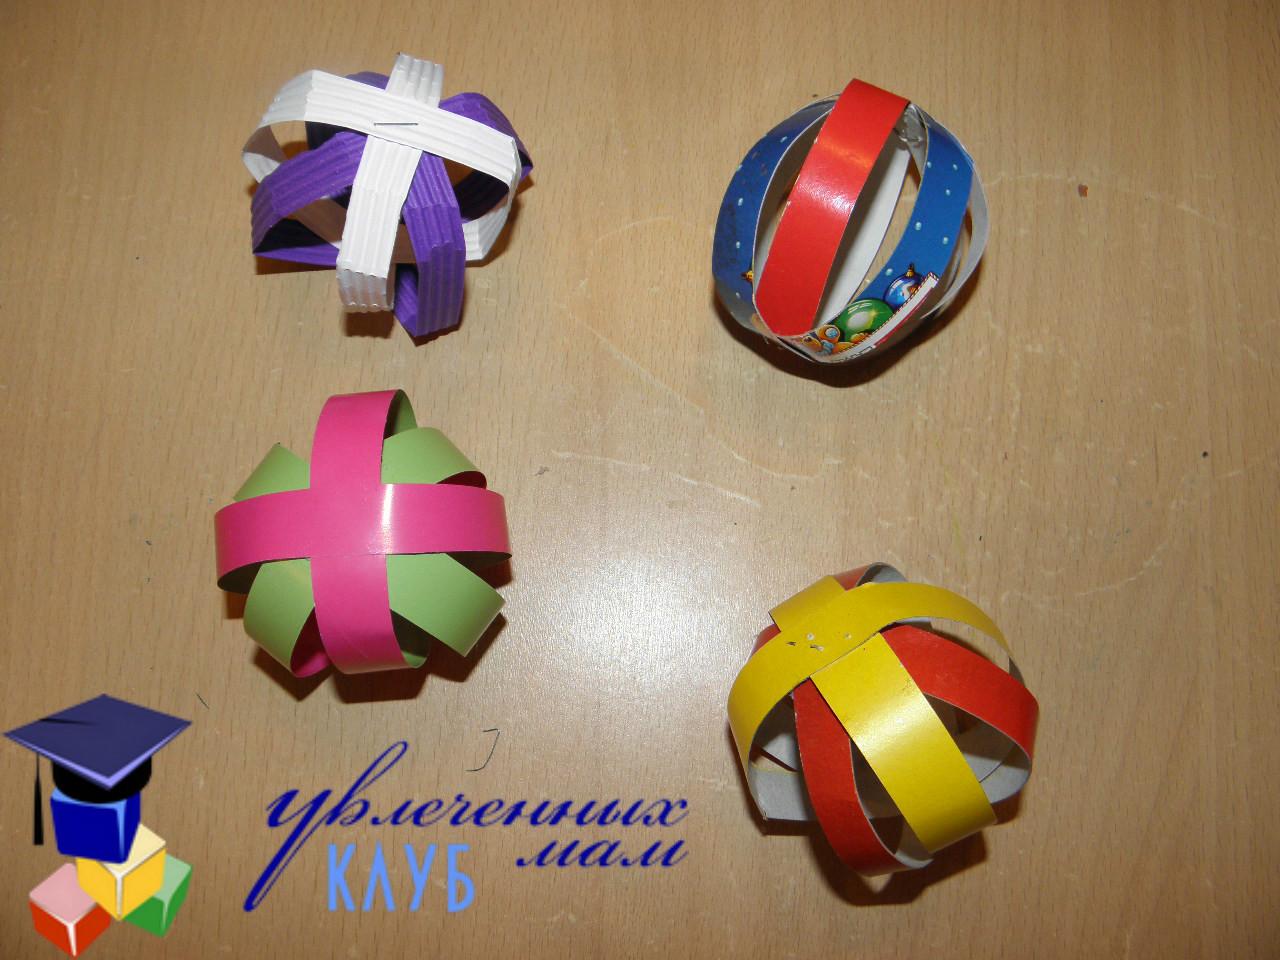 Новогодник шары своими руками - из полосок разные